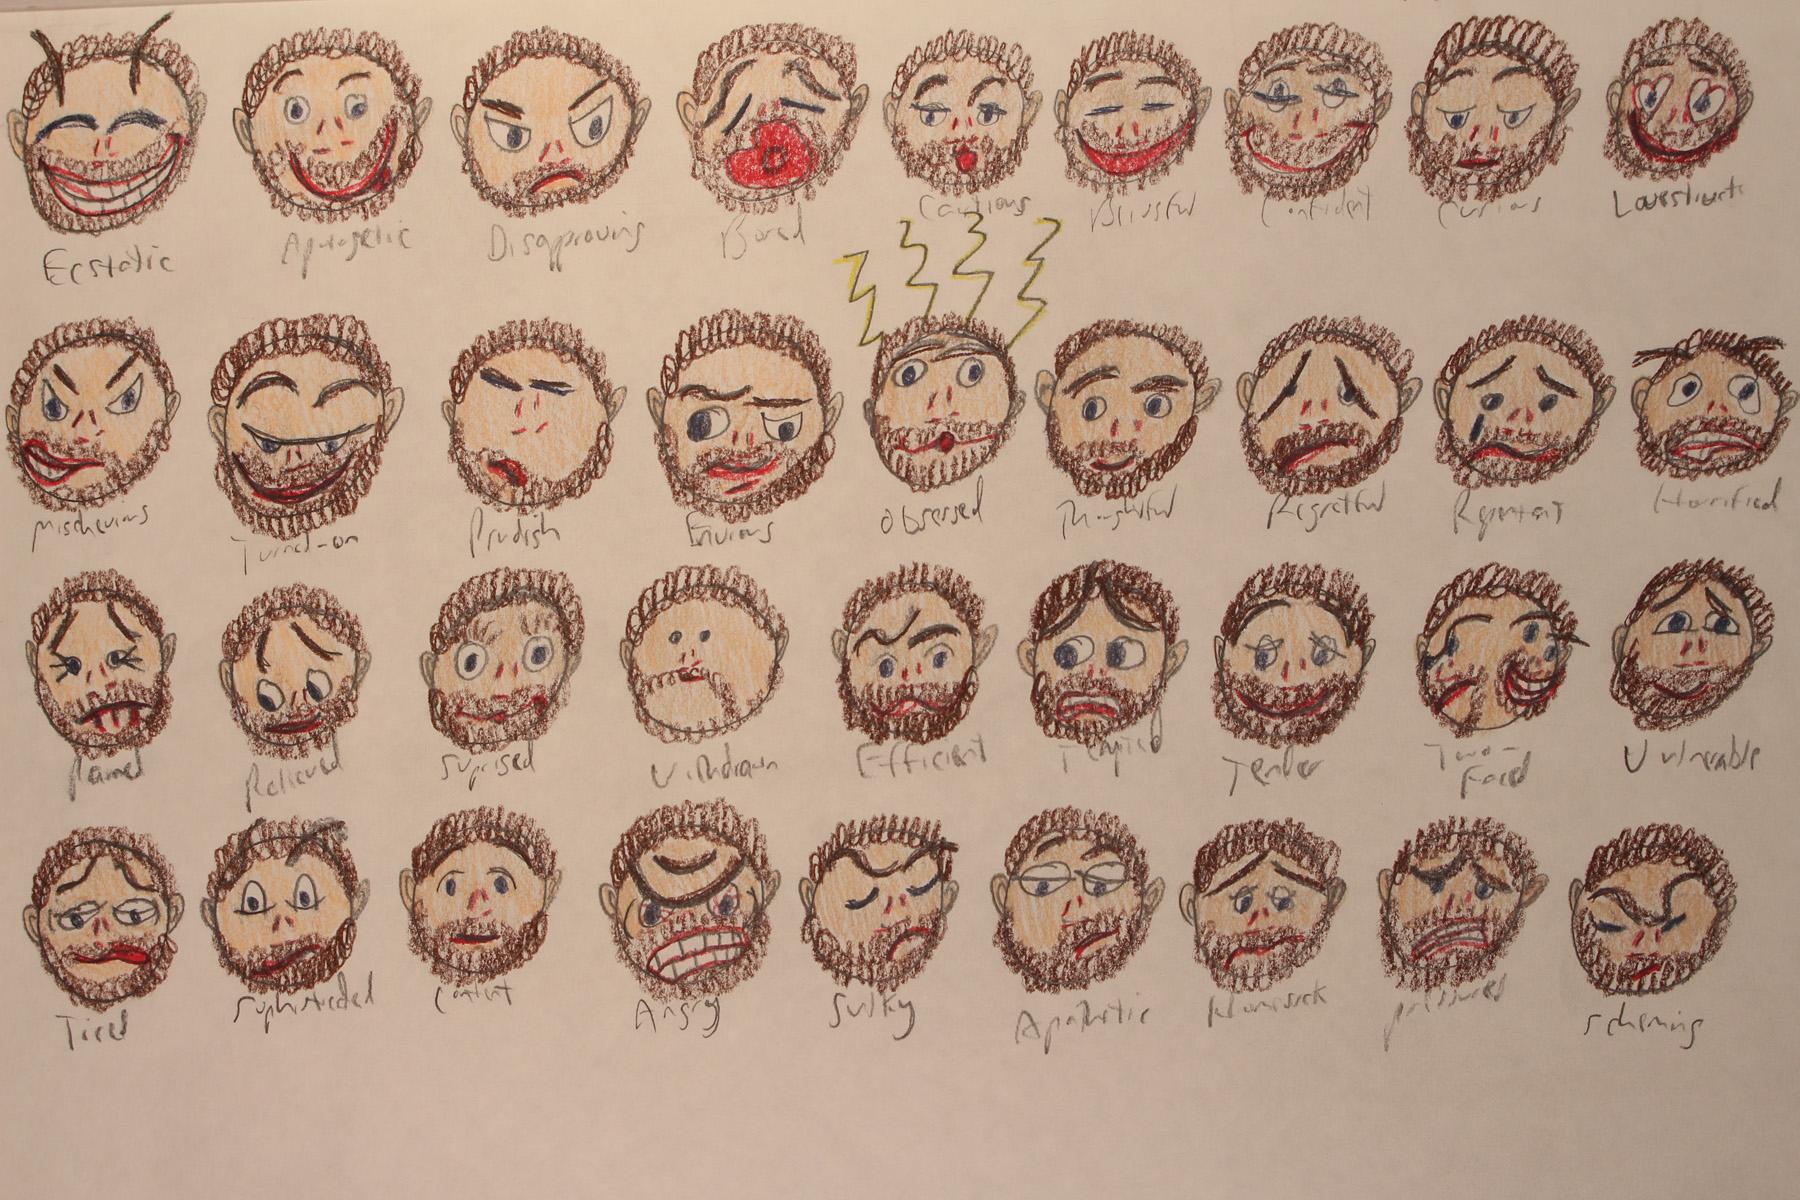 Many Josh's